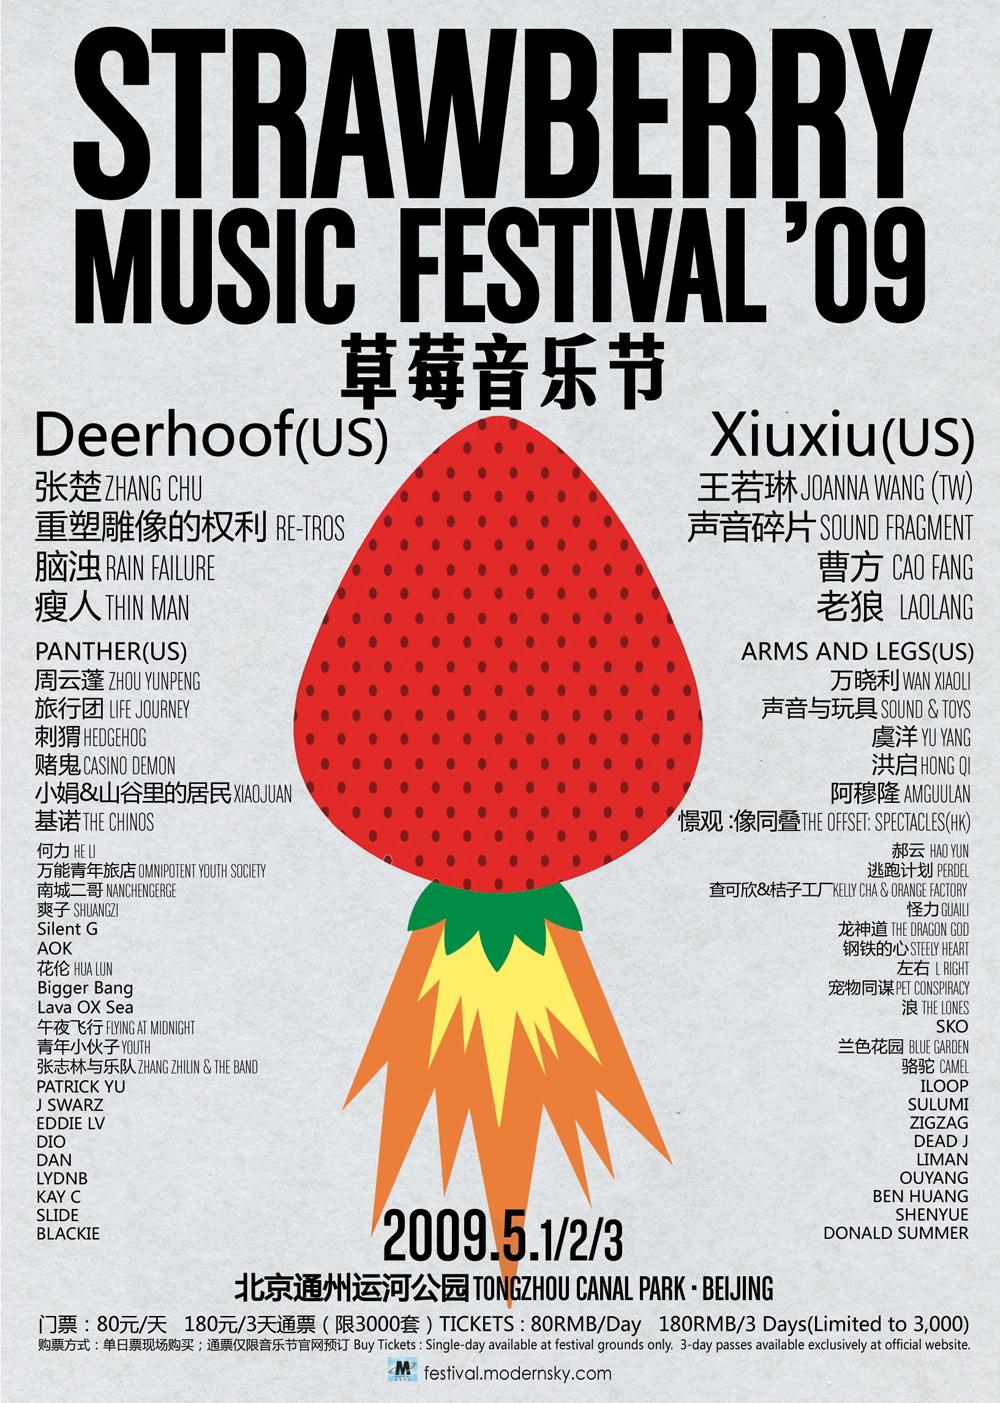 军事资讯_2009草莓音乐节艺人名单及演出安排_舞台_艺术中国